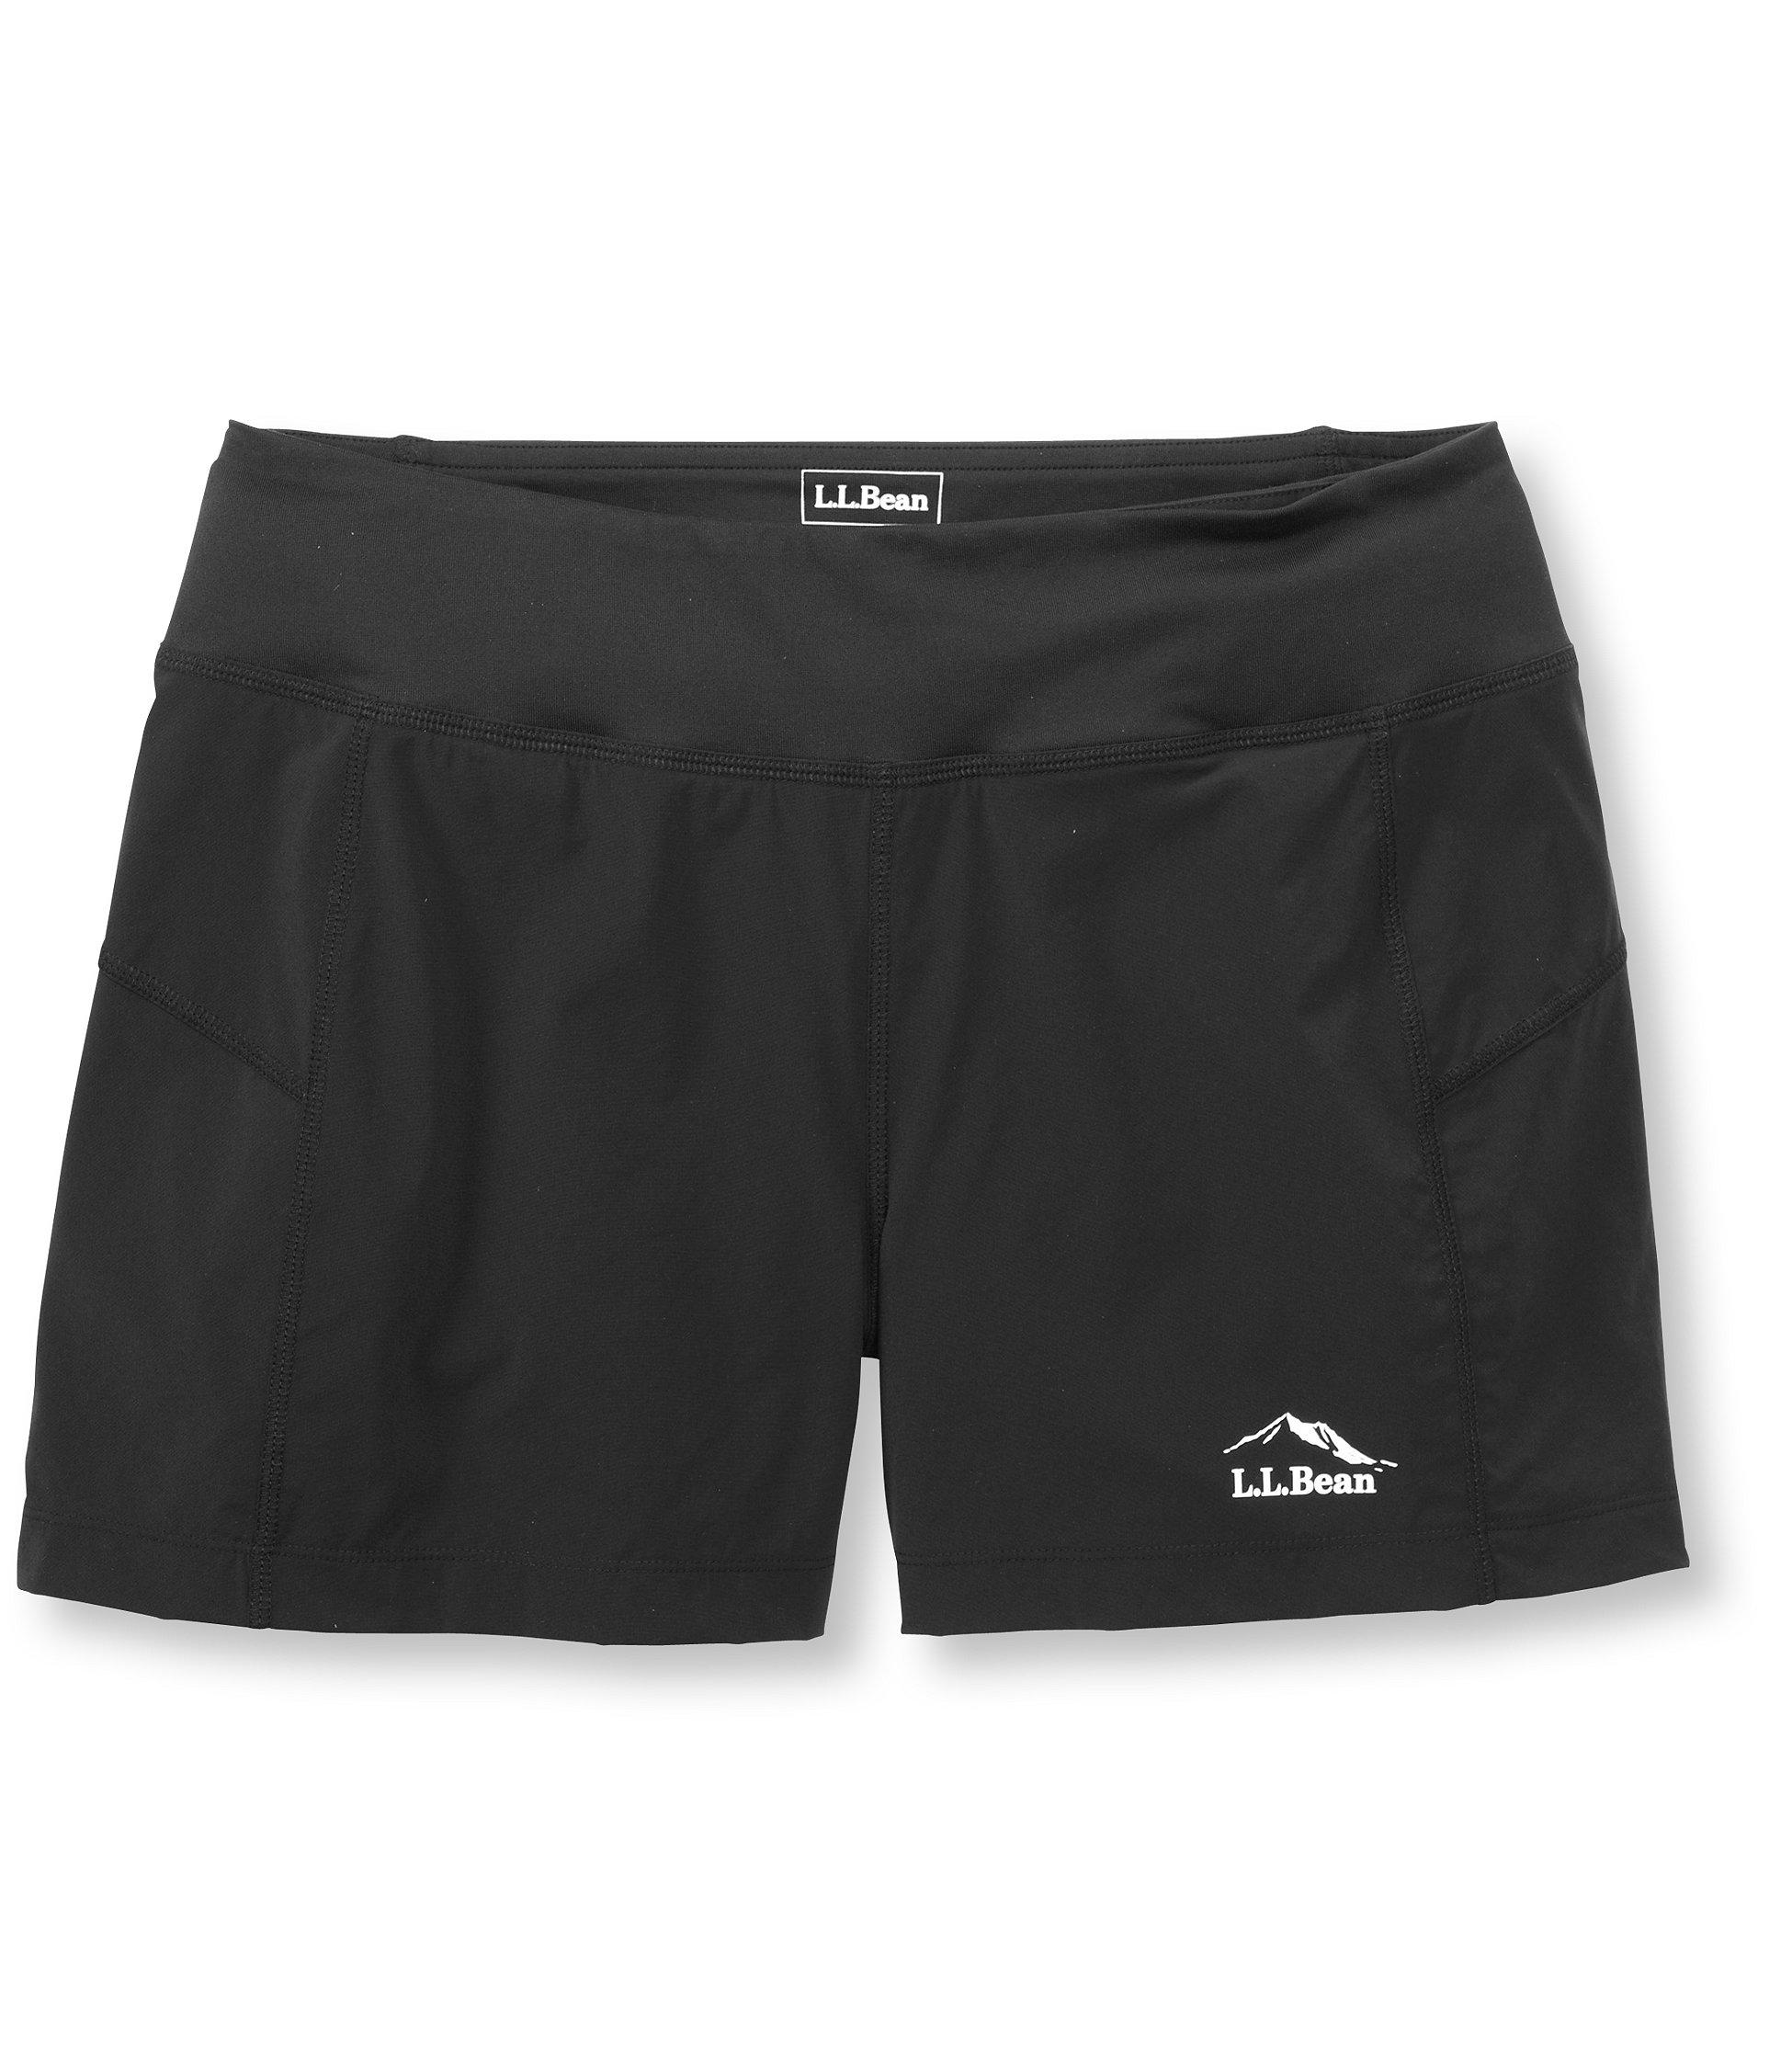 L.L.Bean Comfort Sport Shorts